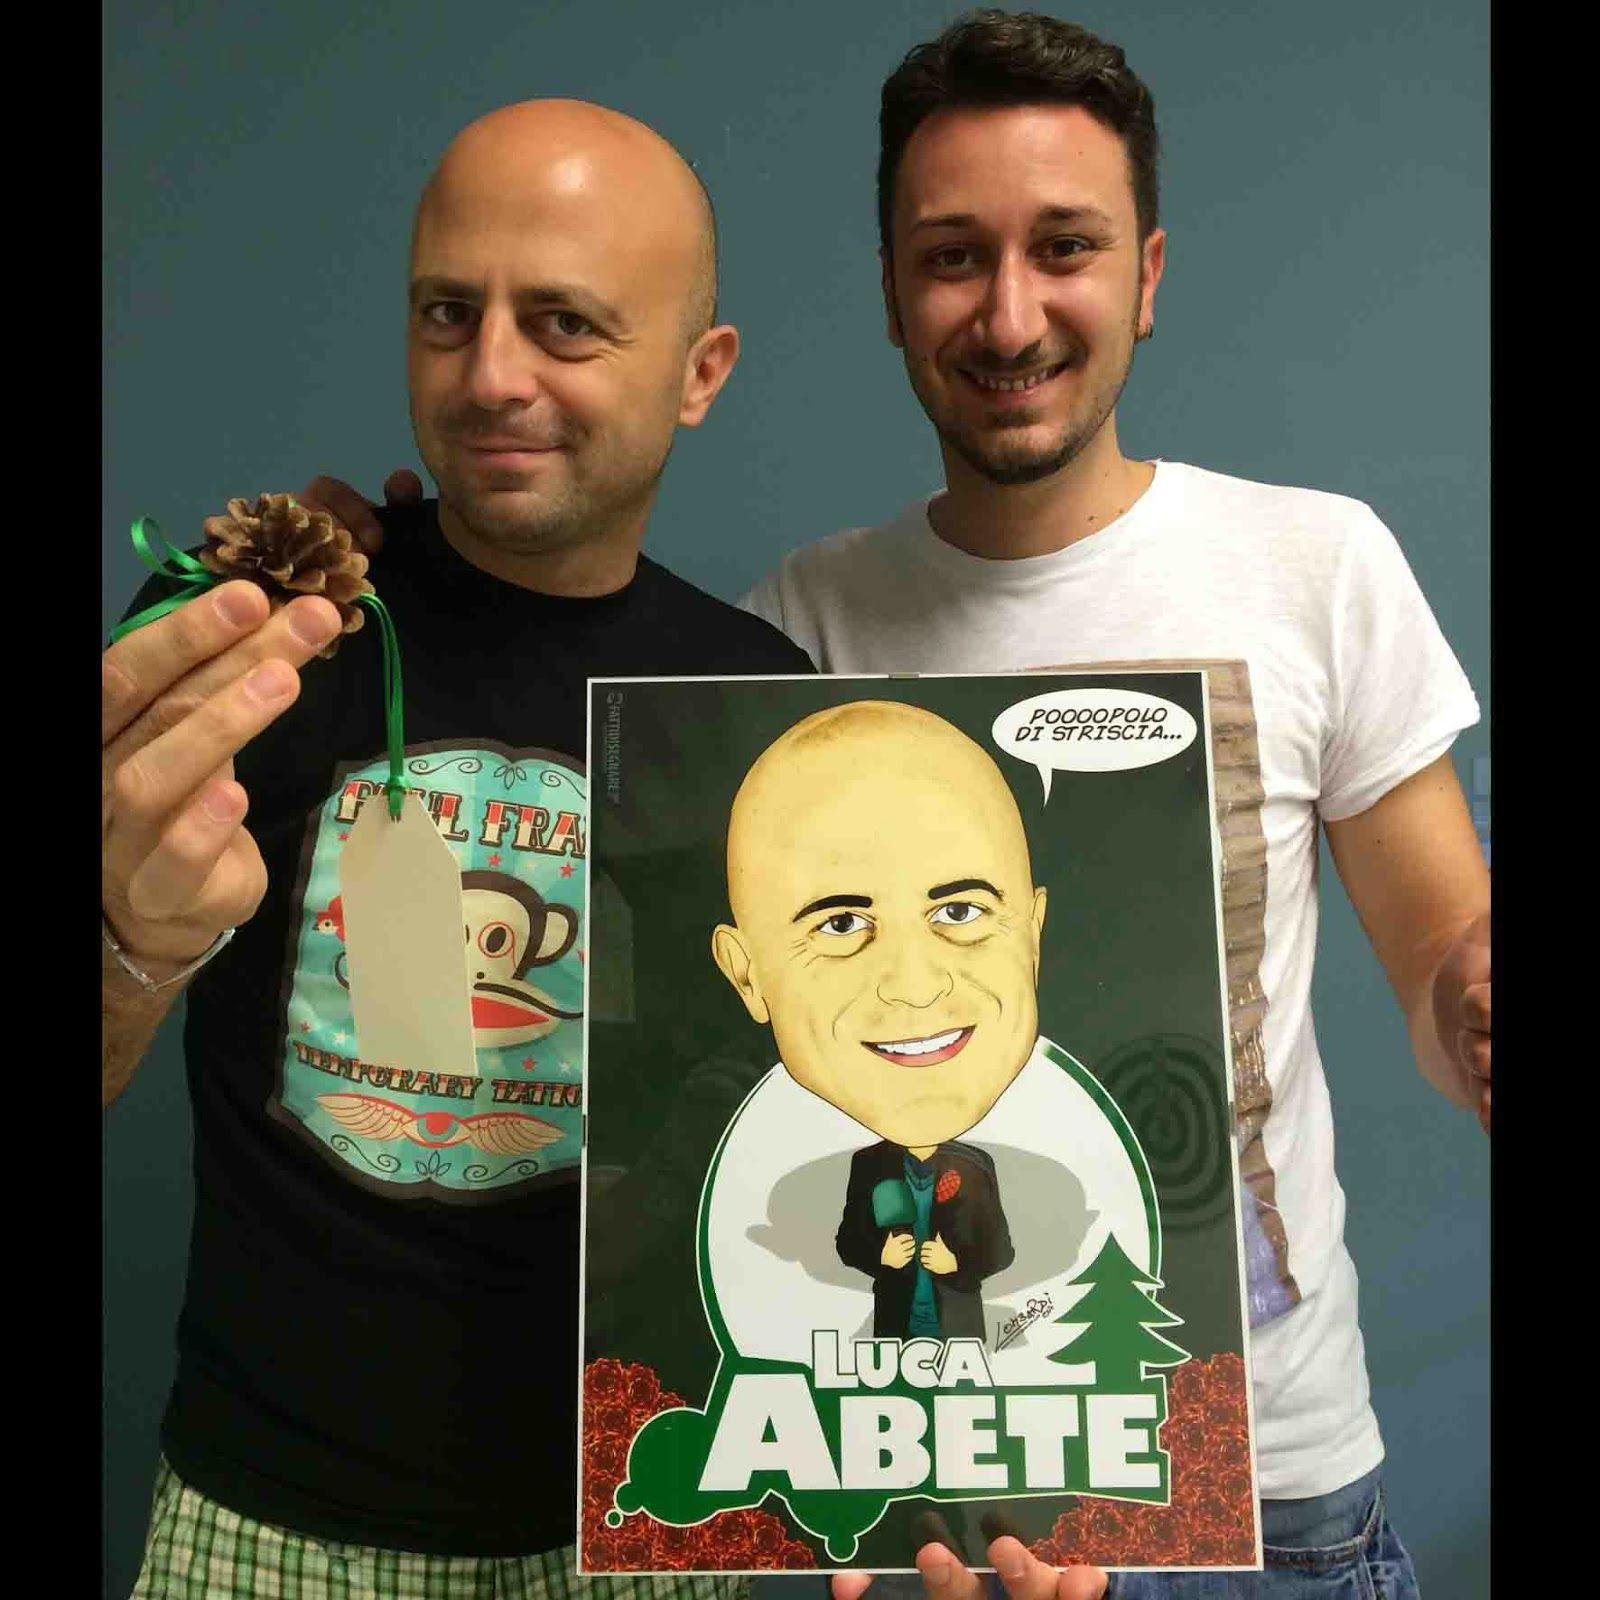 Un Grandissimo #LucaAbete  #striscialanotizia #inviato #Pigna #microfono #verde #Avellino #GiuseppeLombardi #CASERTA #campania #fattidisegnare